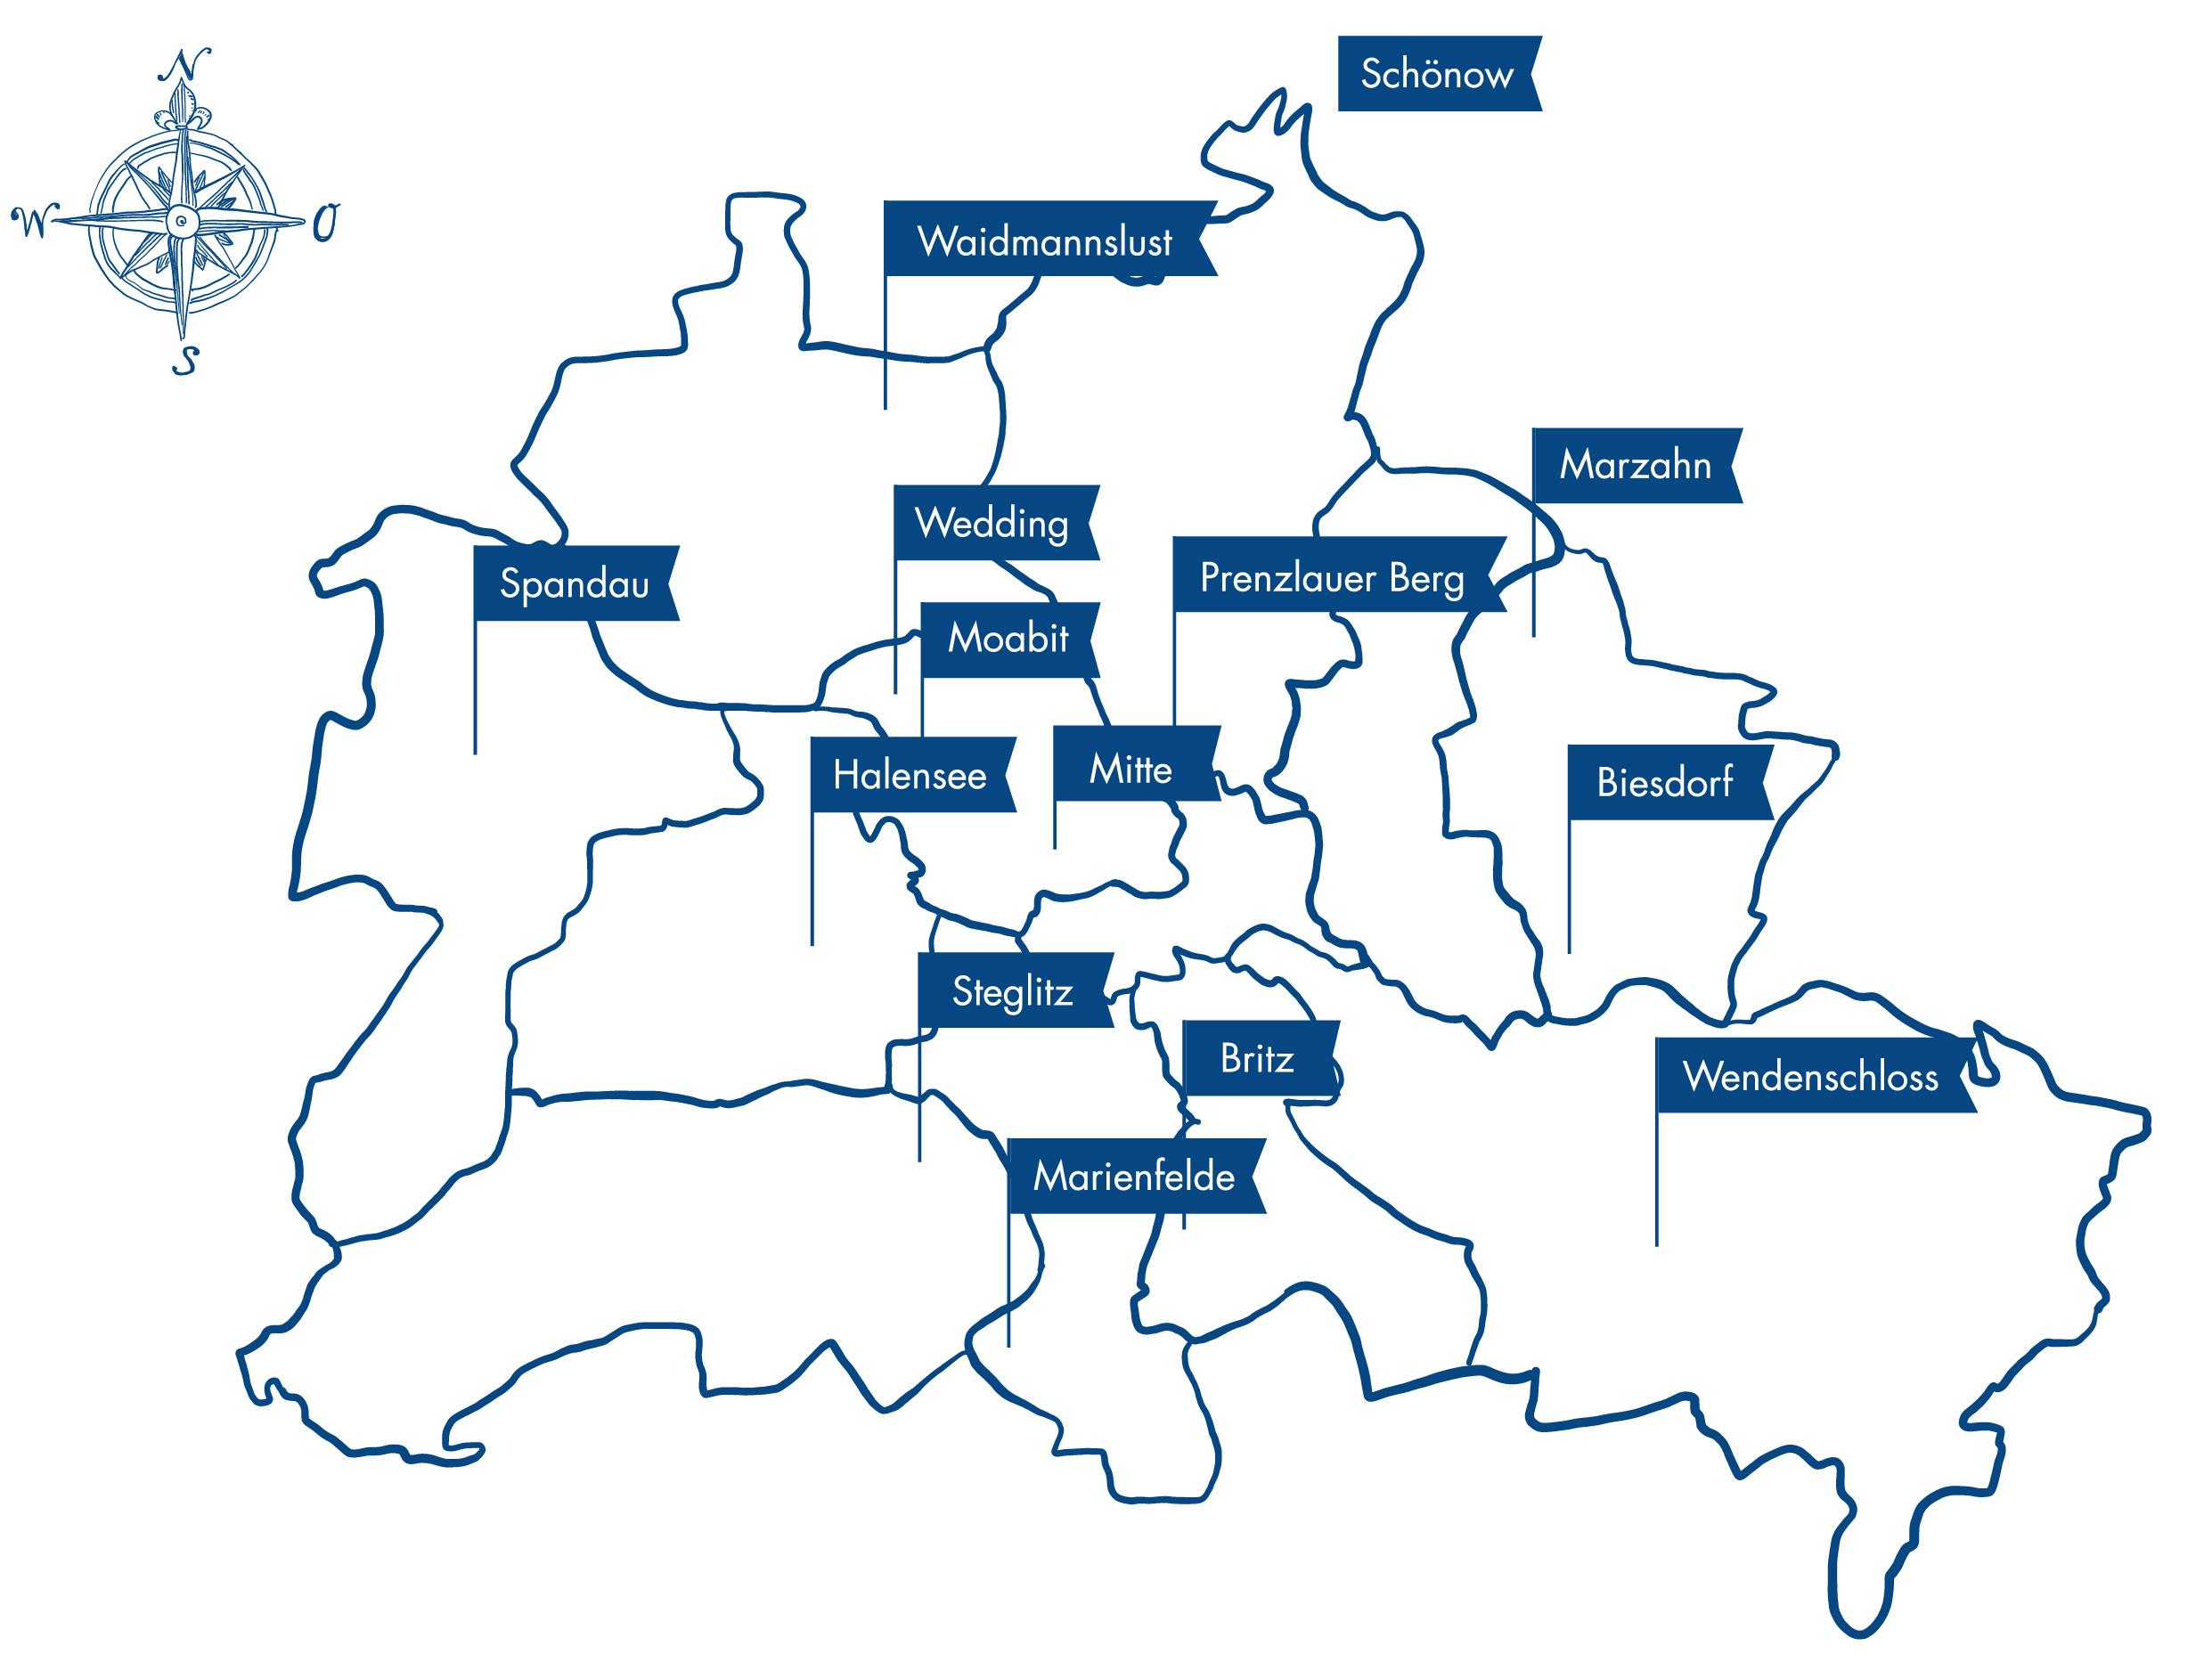 Einsatzorte der Therapielotsen in Berlin